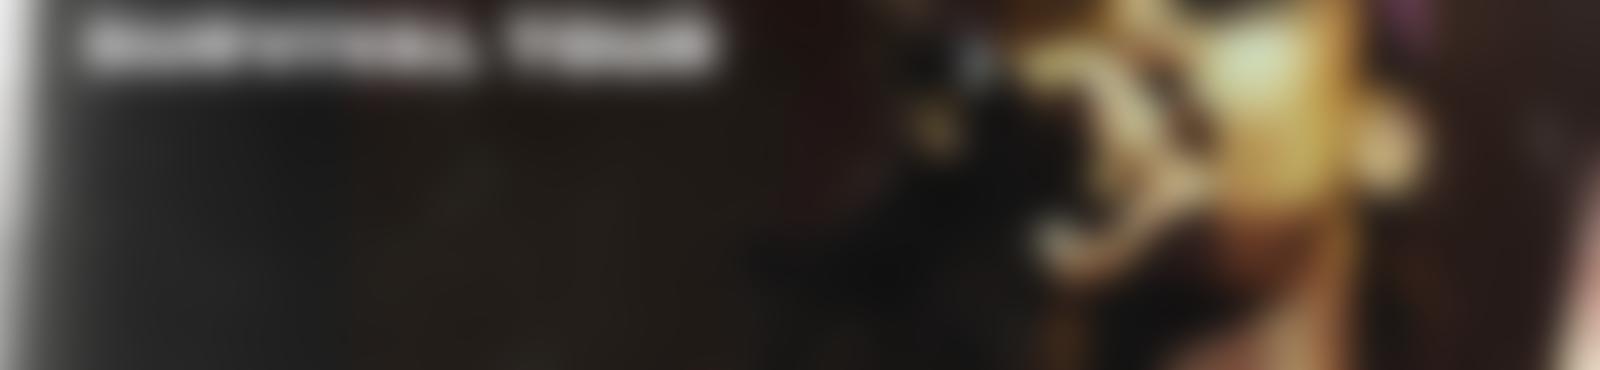 Blurred 331b6ebd bd7c 4771 81fb 5d1d0d085d7c